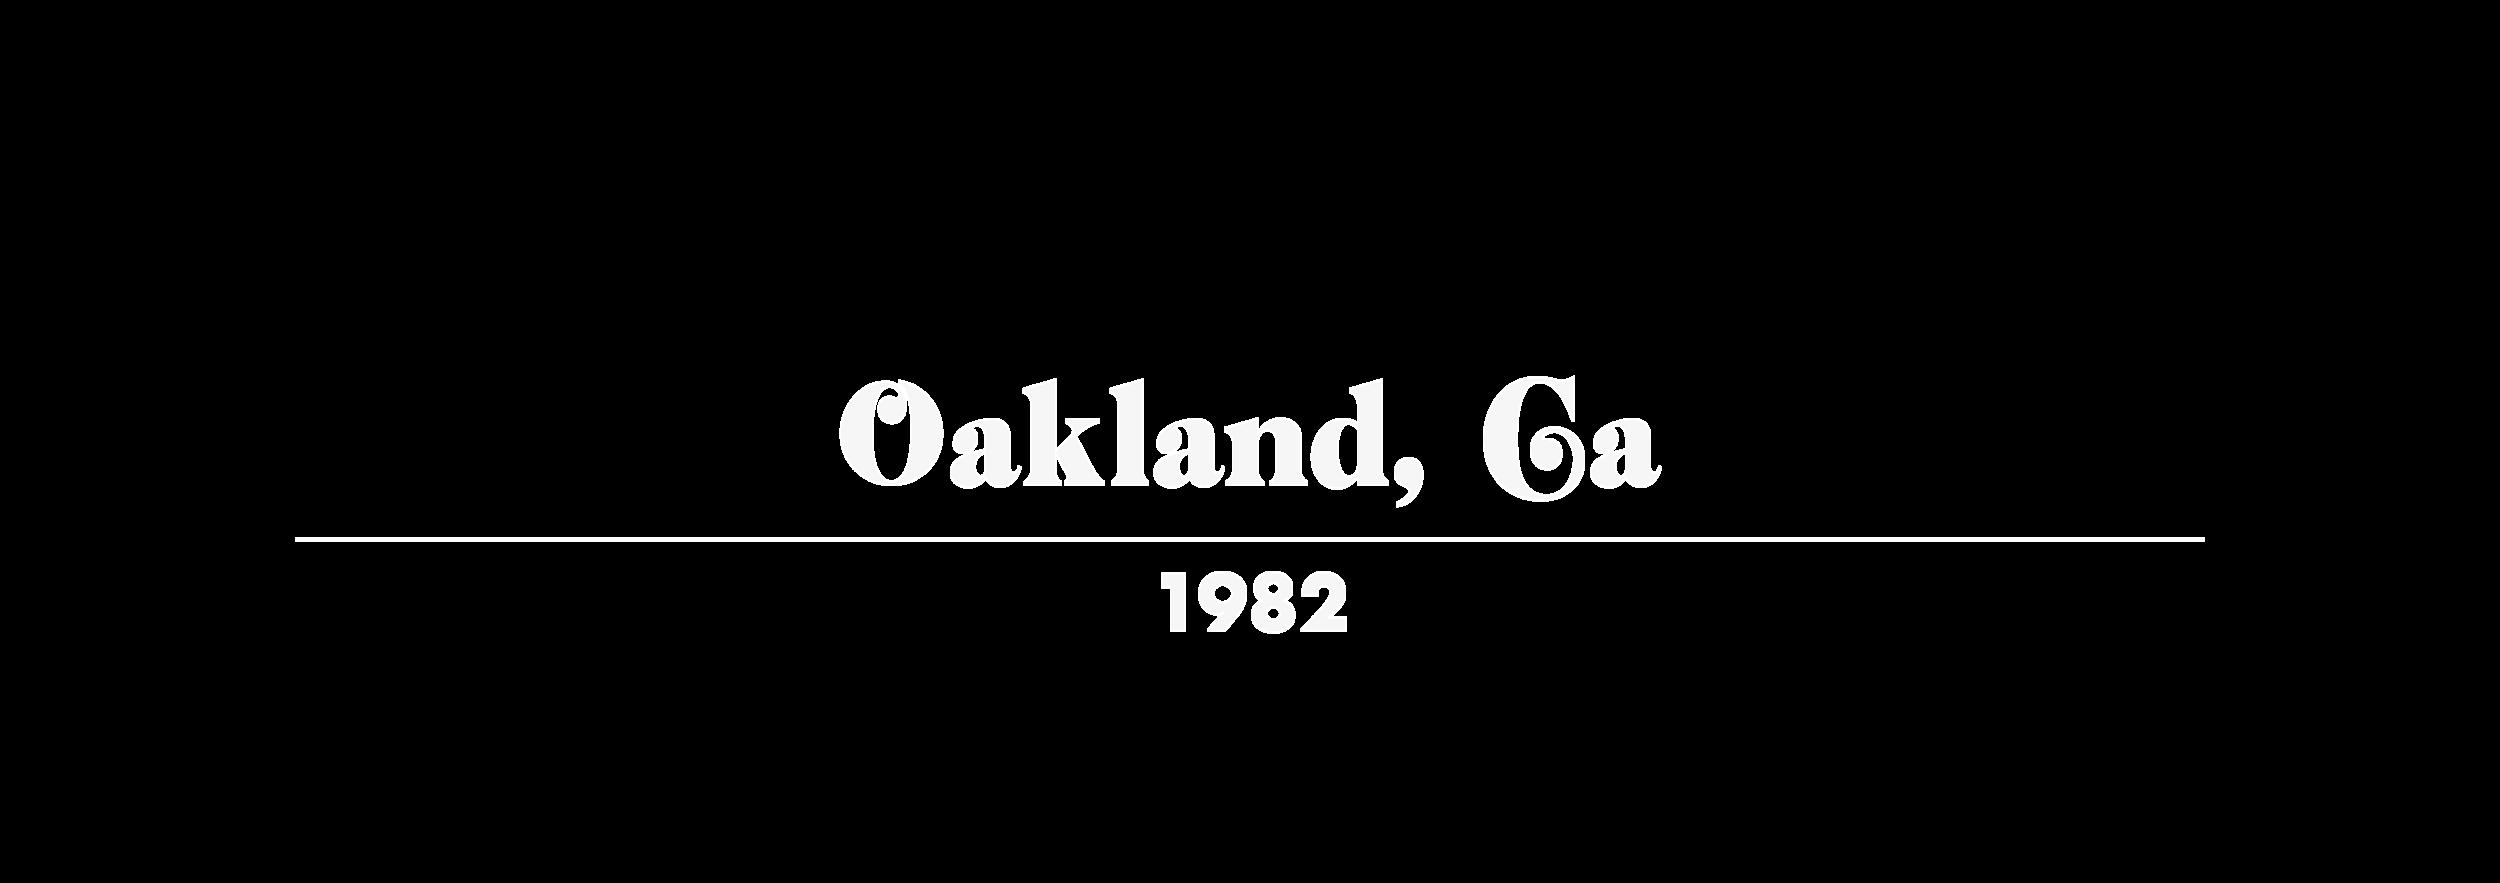 Oakland,Ca_Card.png